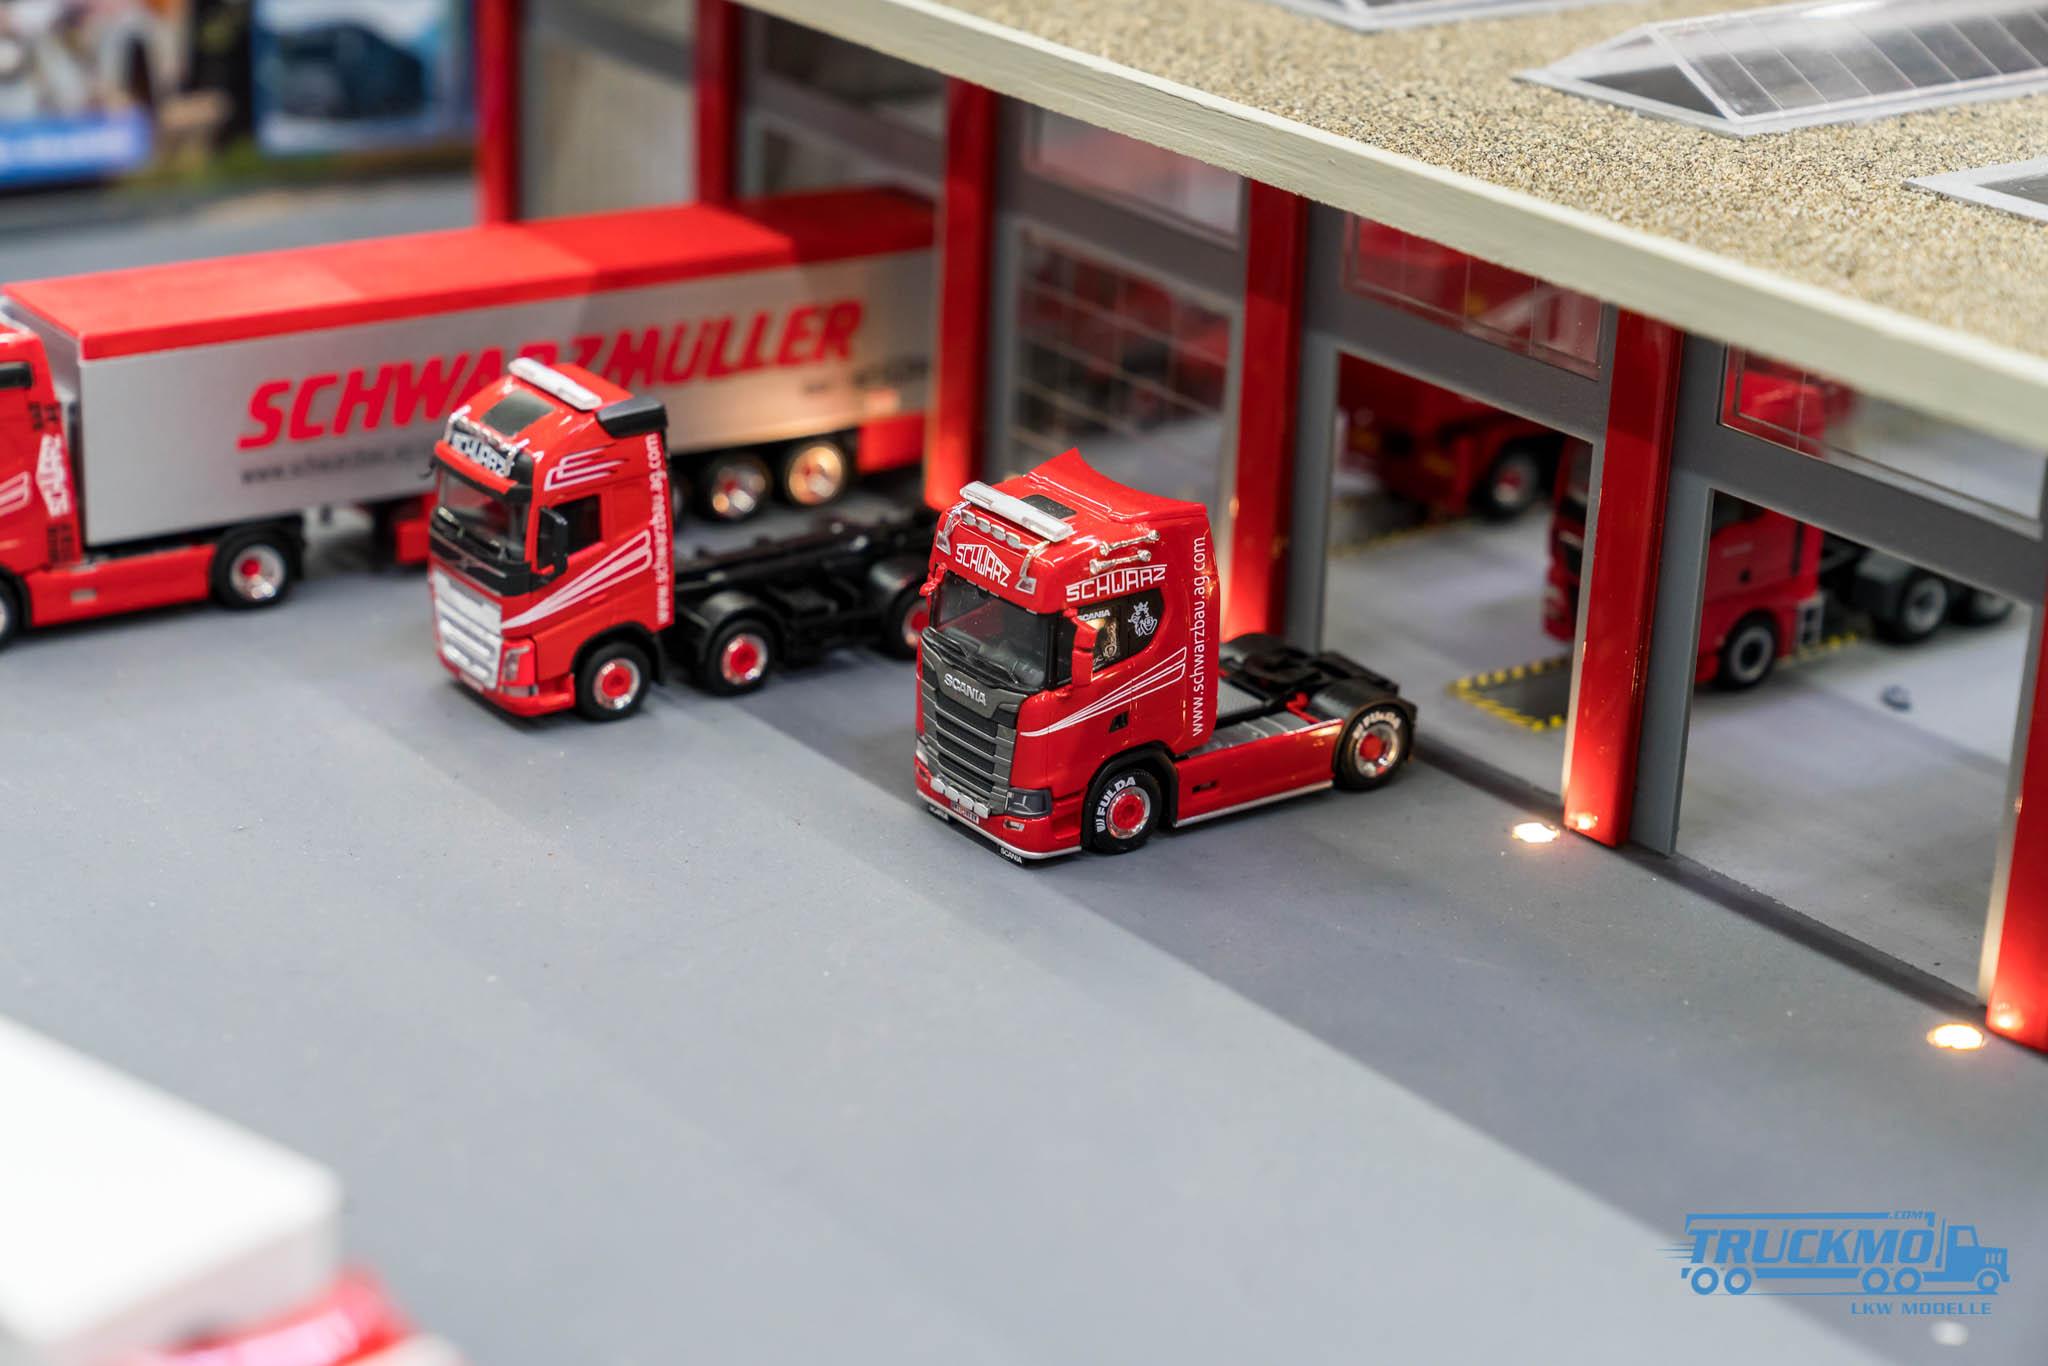 Truckmo_Modellbau_Ried_2017_Herpa_Messe_Modellbauausstellung (154 von 1177)